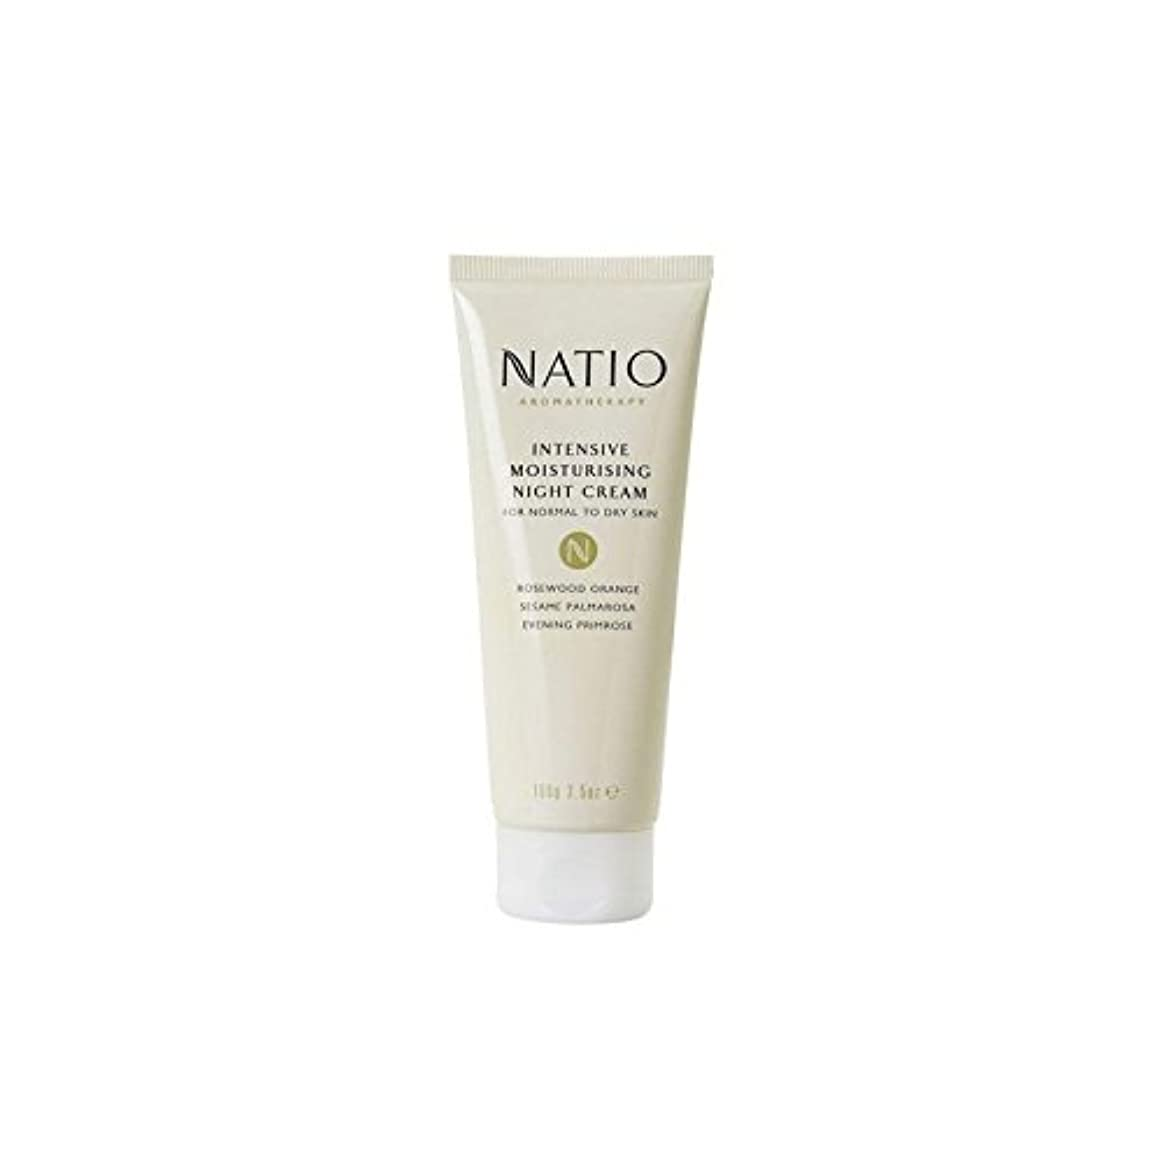 アカデミック憂鬱回転するNatio Intensive Moisturising Night Cream (100G) - 集中的な保湿ナイトクリーム(100グラム) [並行輸入品]